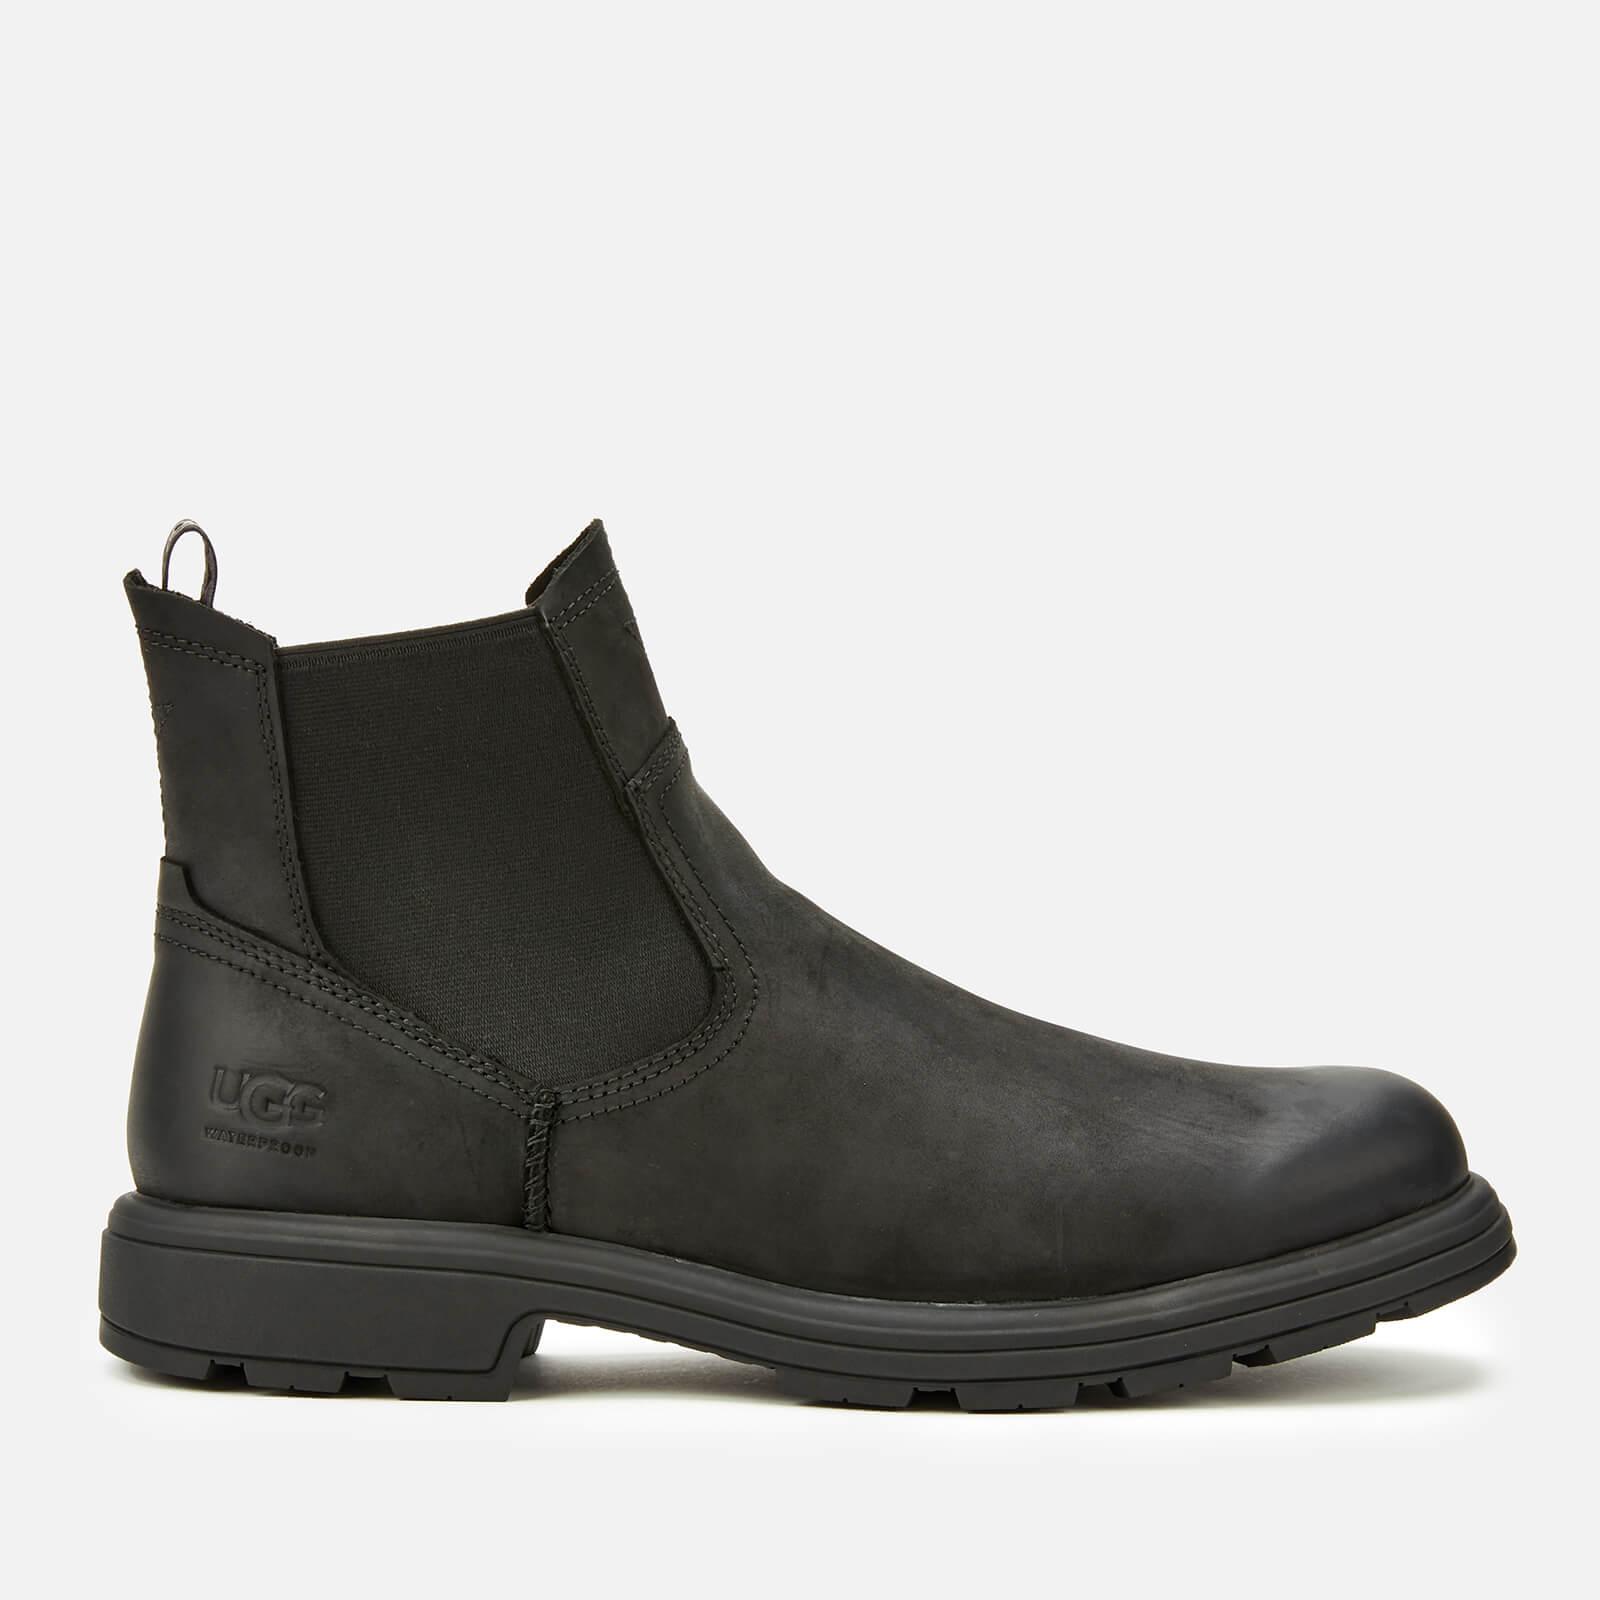 Ugg Men's Biltmore Chelsea Boots - Black - Uk 7